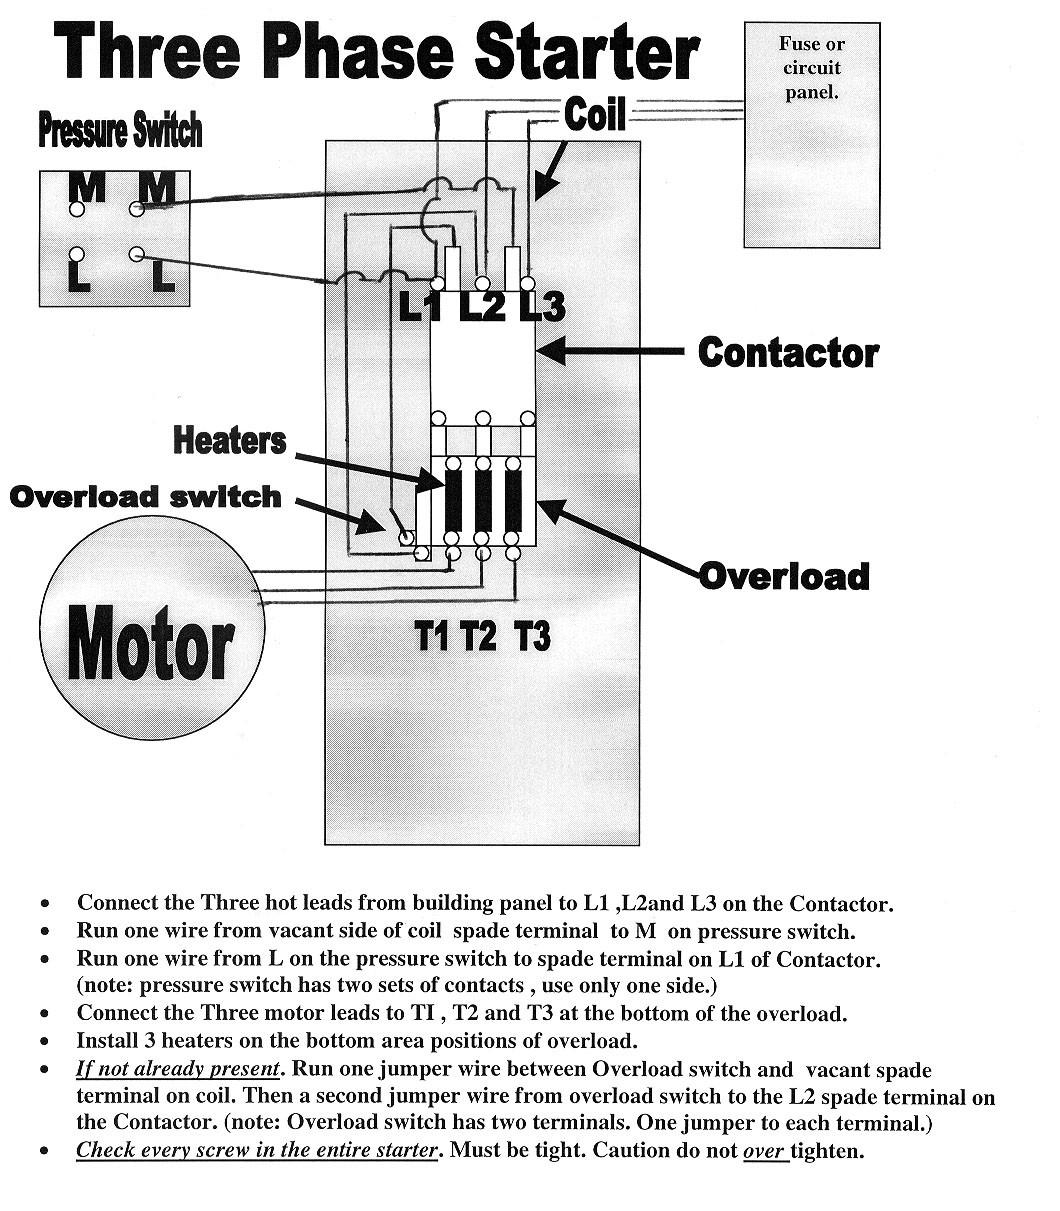 hight resolution of 480v 3 phase motor starter wiring diagram electrical wiring 480v 3 phase motor wiring diagram elegant